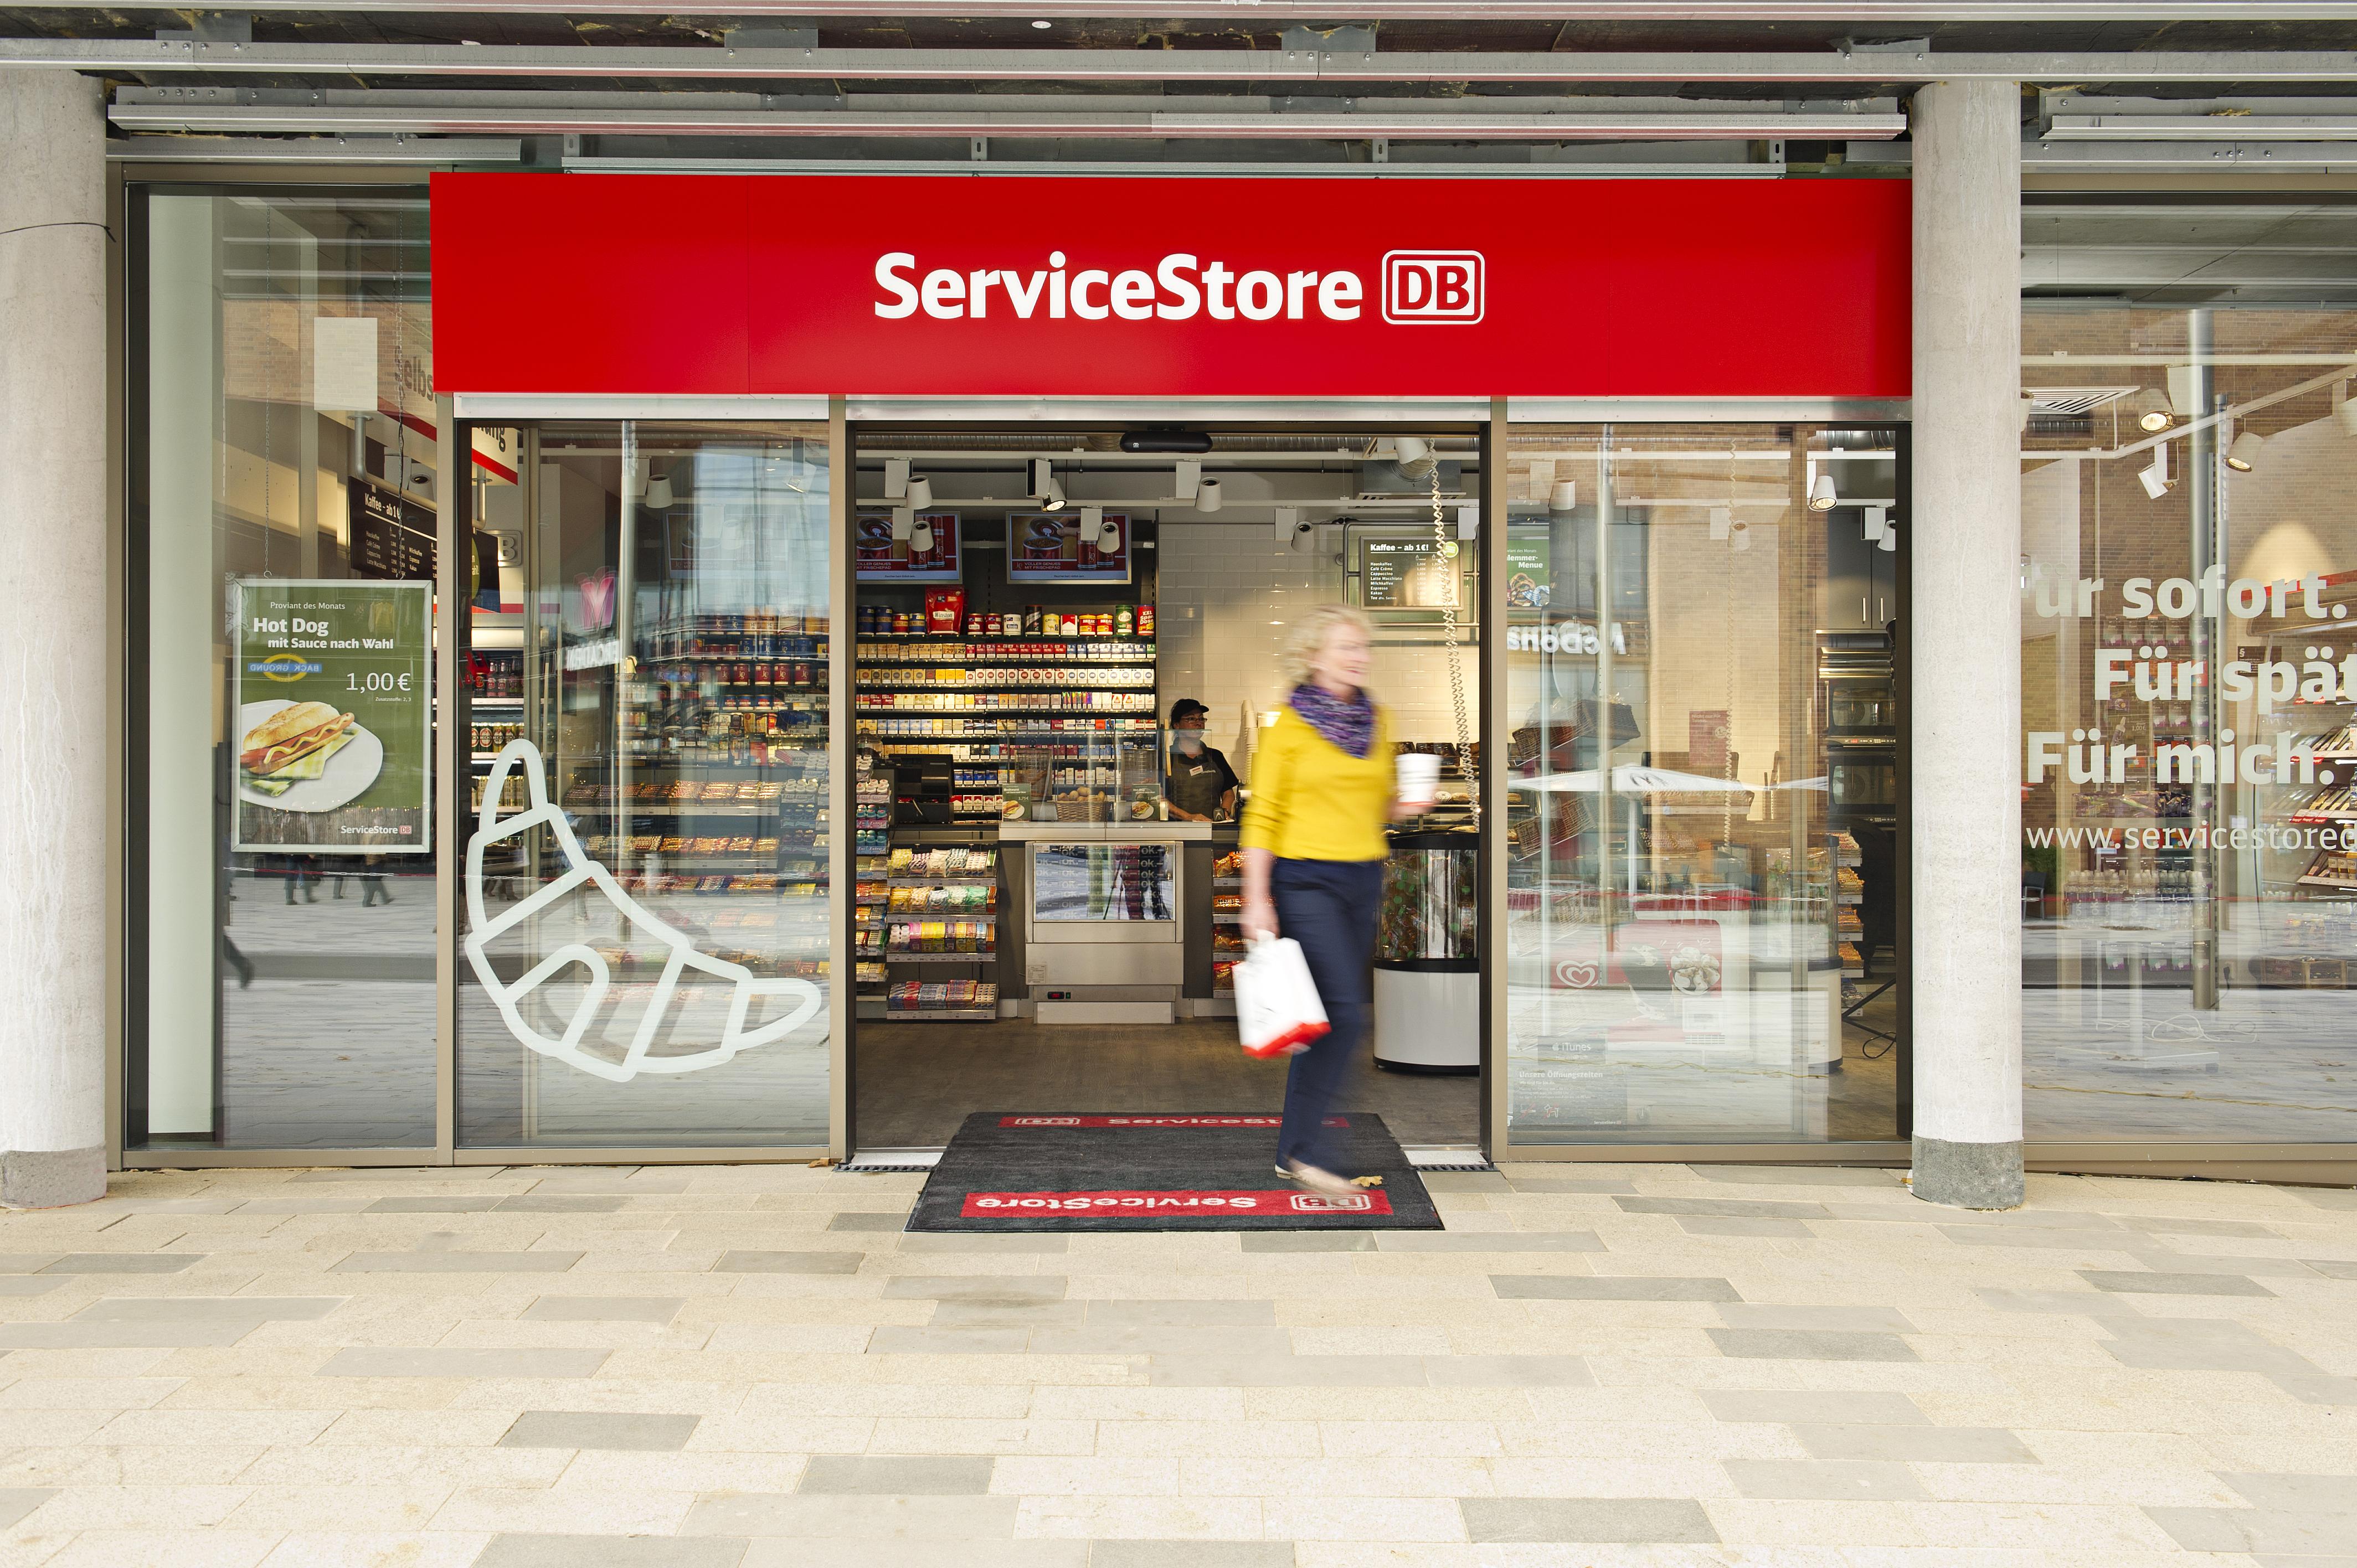 ServiceStore DB - S-Bahnhof Nöldnerplatz